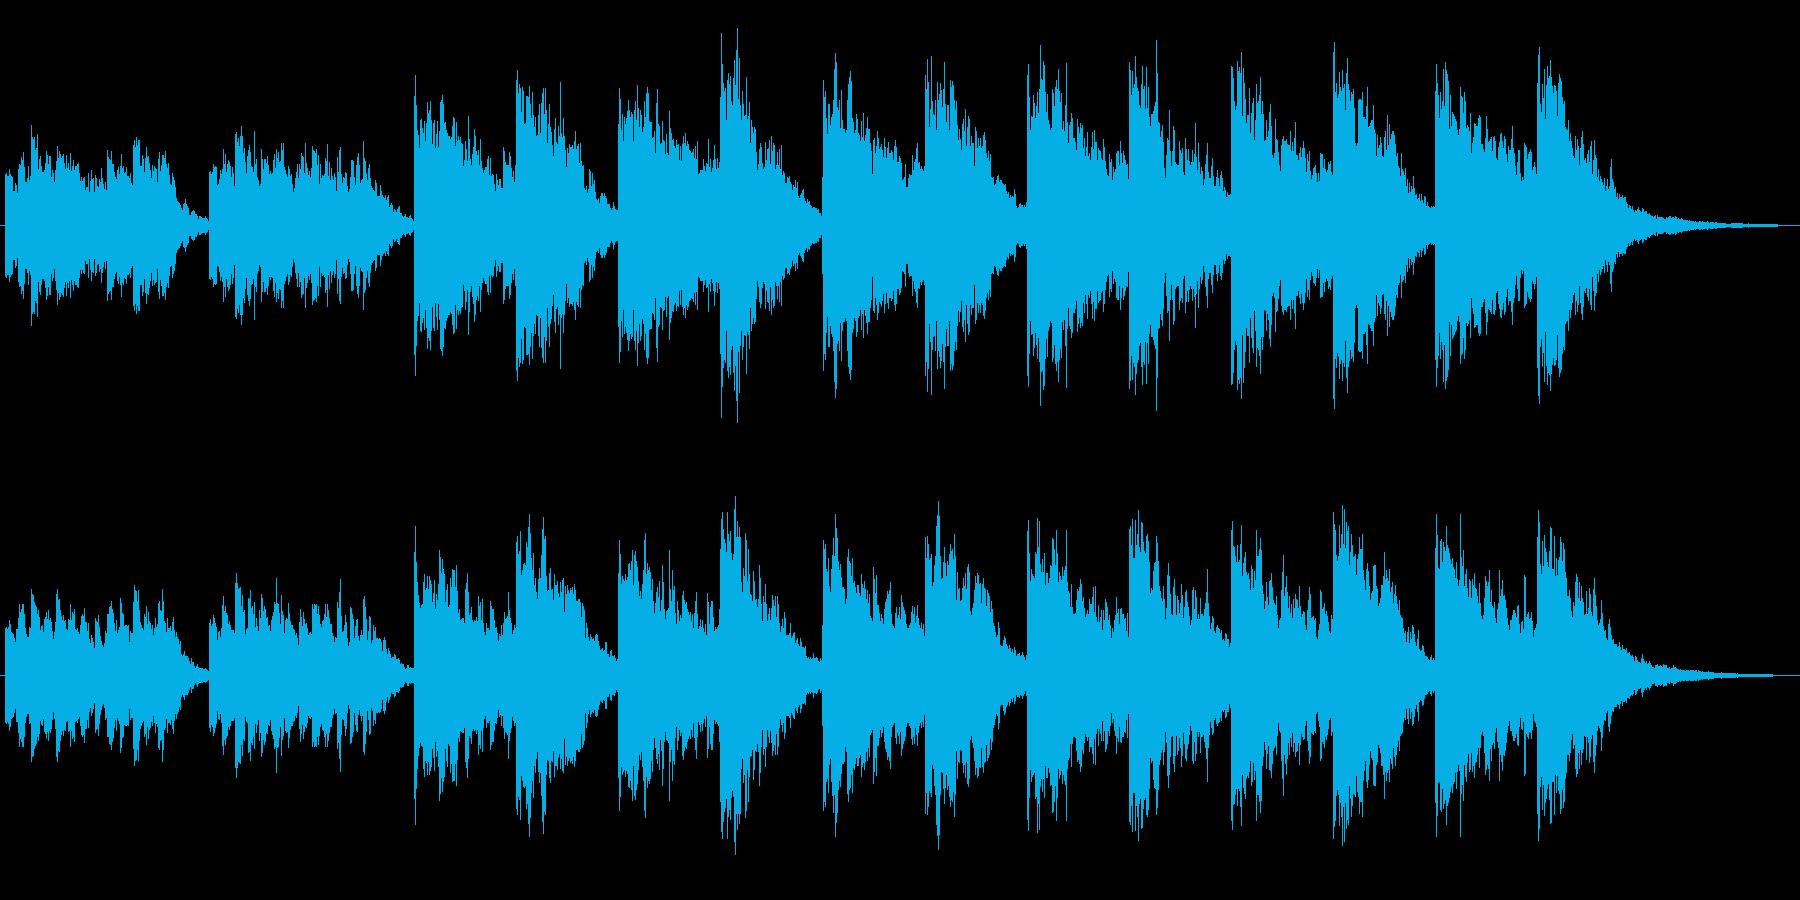 シンセによるキラキラしたジングル2の再生済みの波形